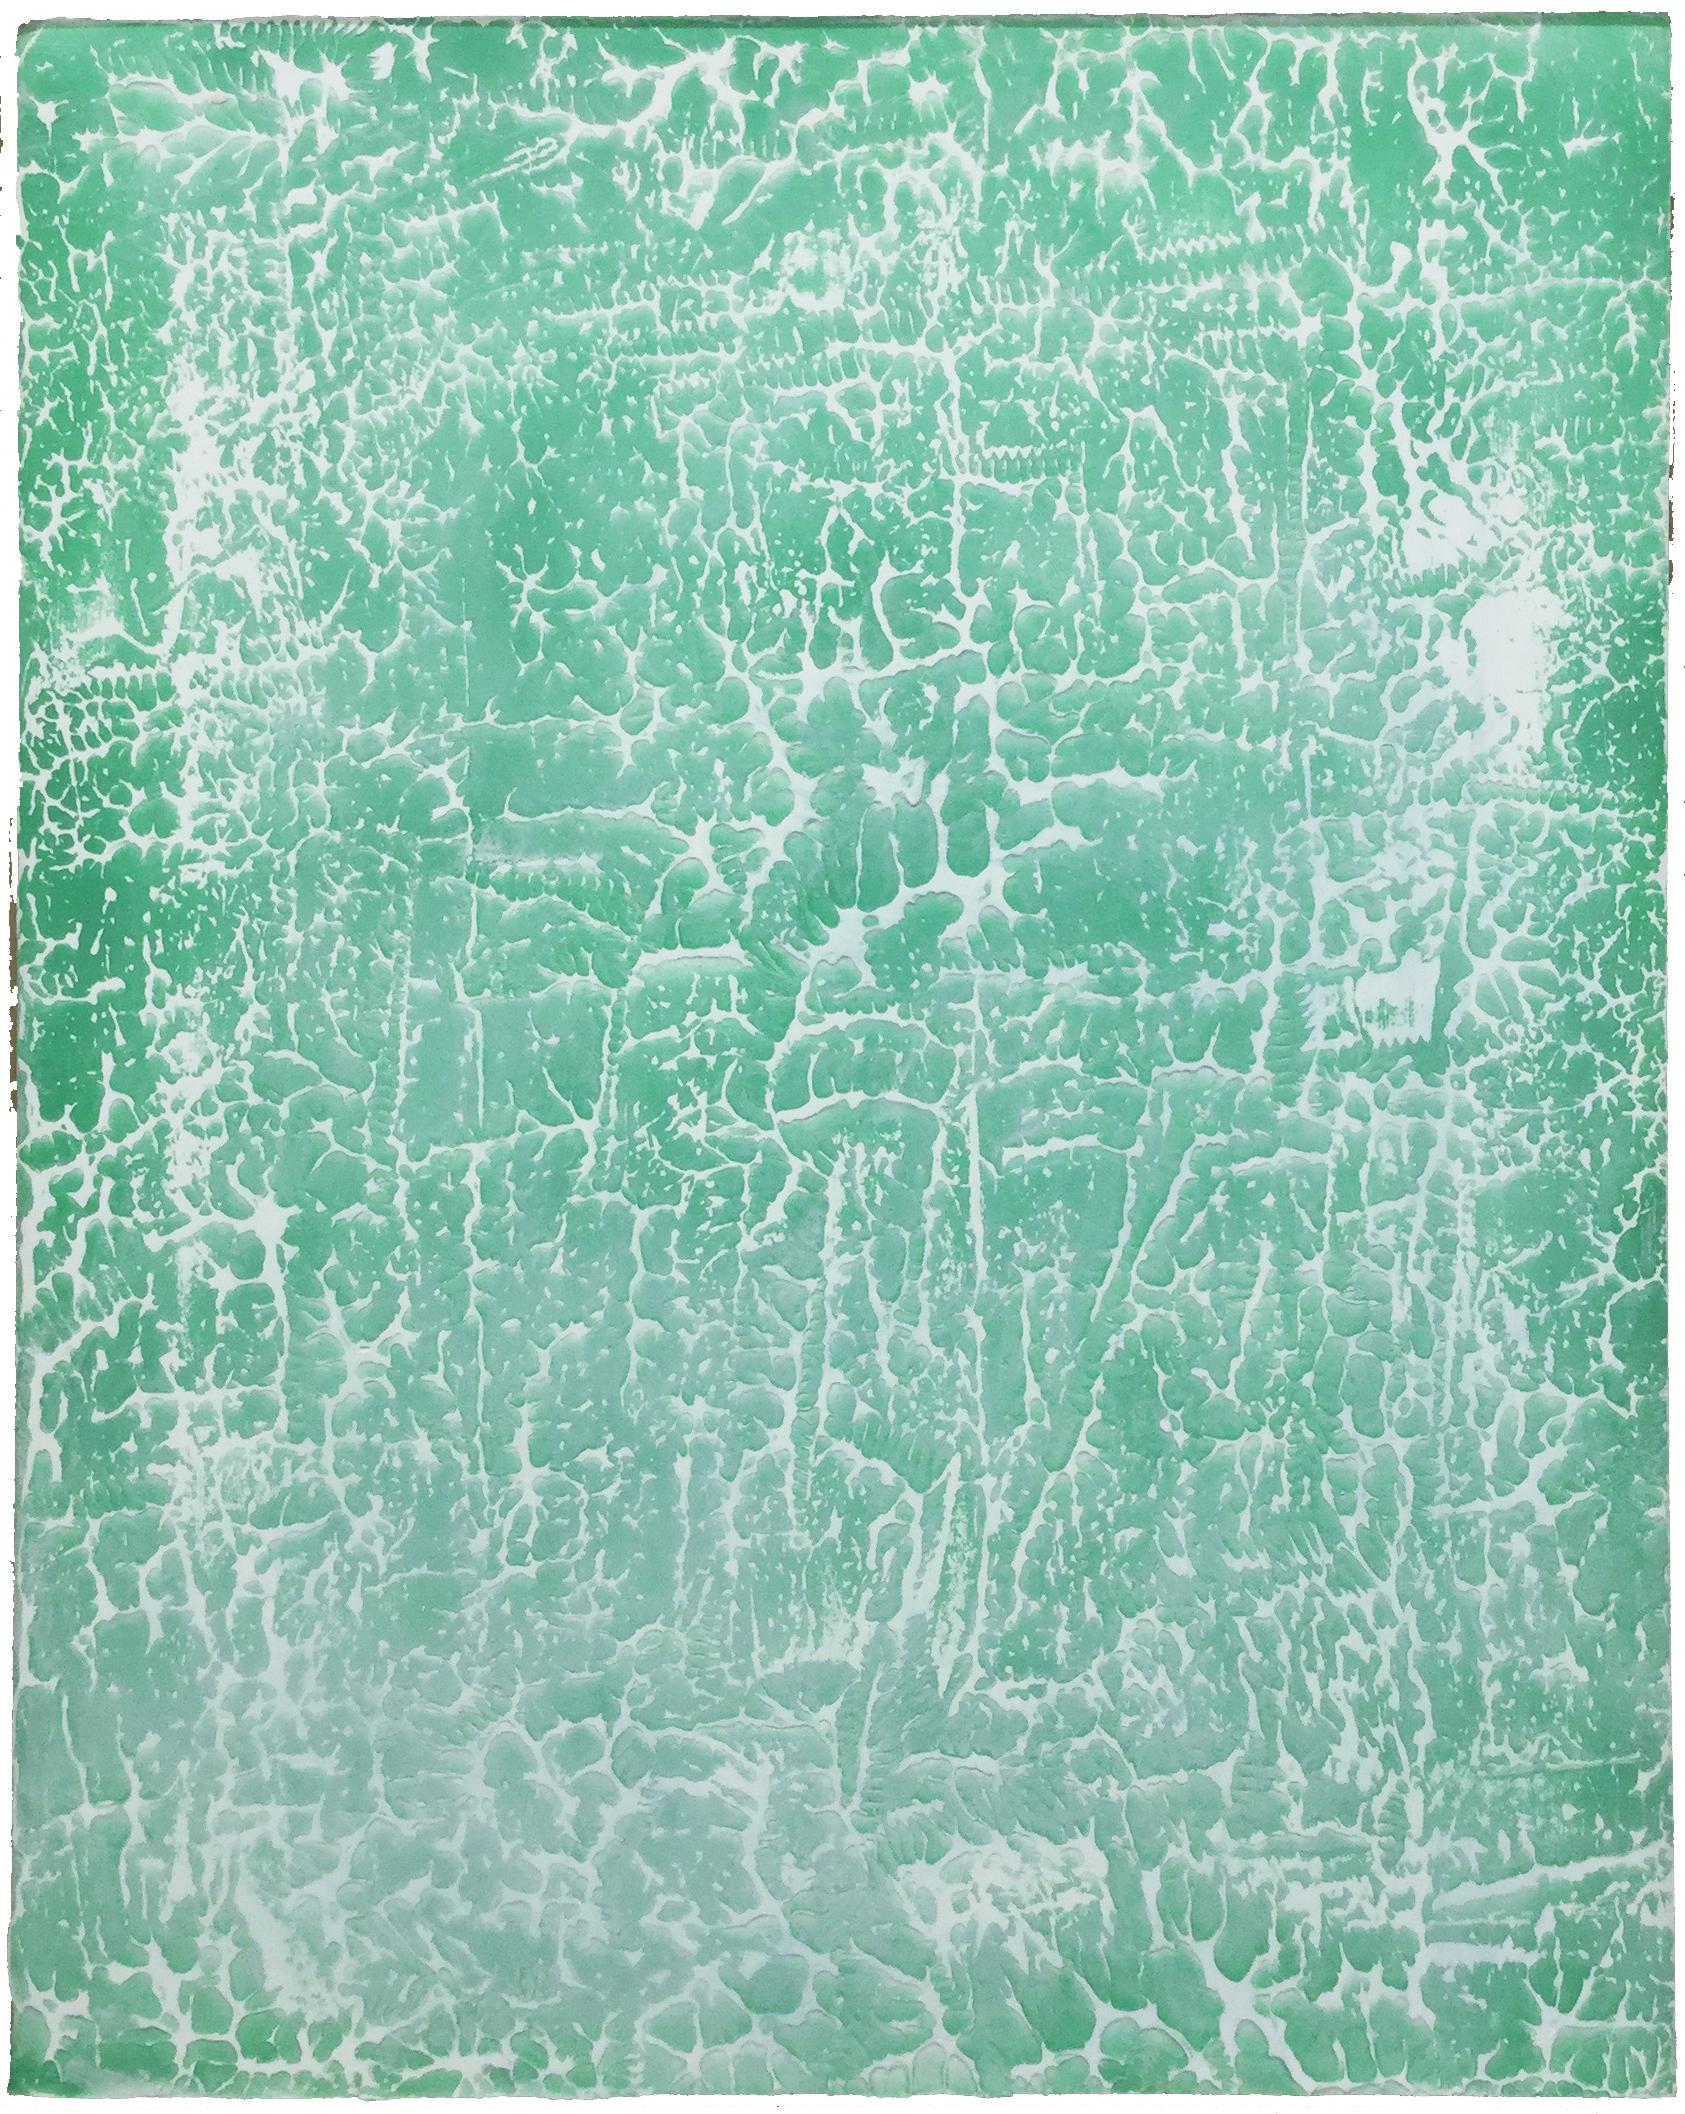 """Pierre Julien,  Ronchamp 03 , 2017, plâtre, acrylique et peinture aérosol sur gypse, 76 x 61 cm (30"""" x 24"""")"""